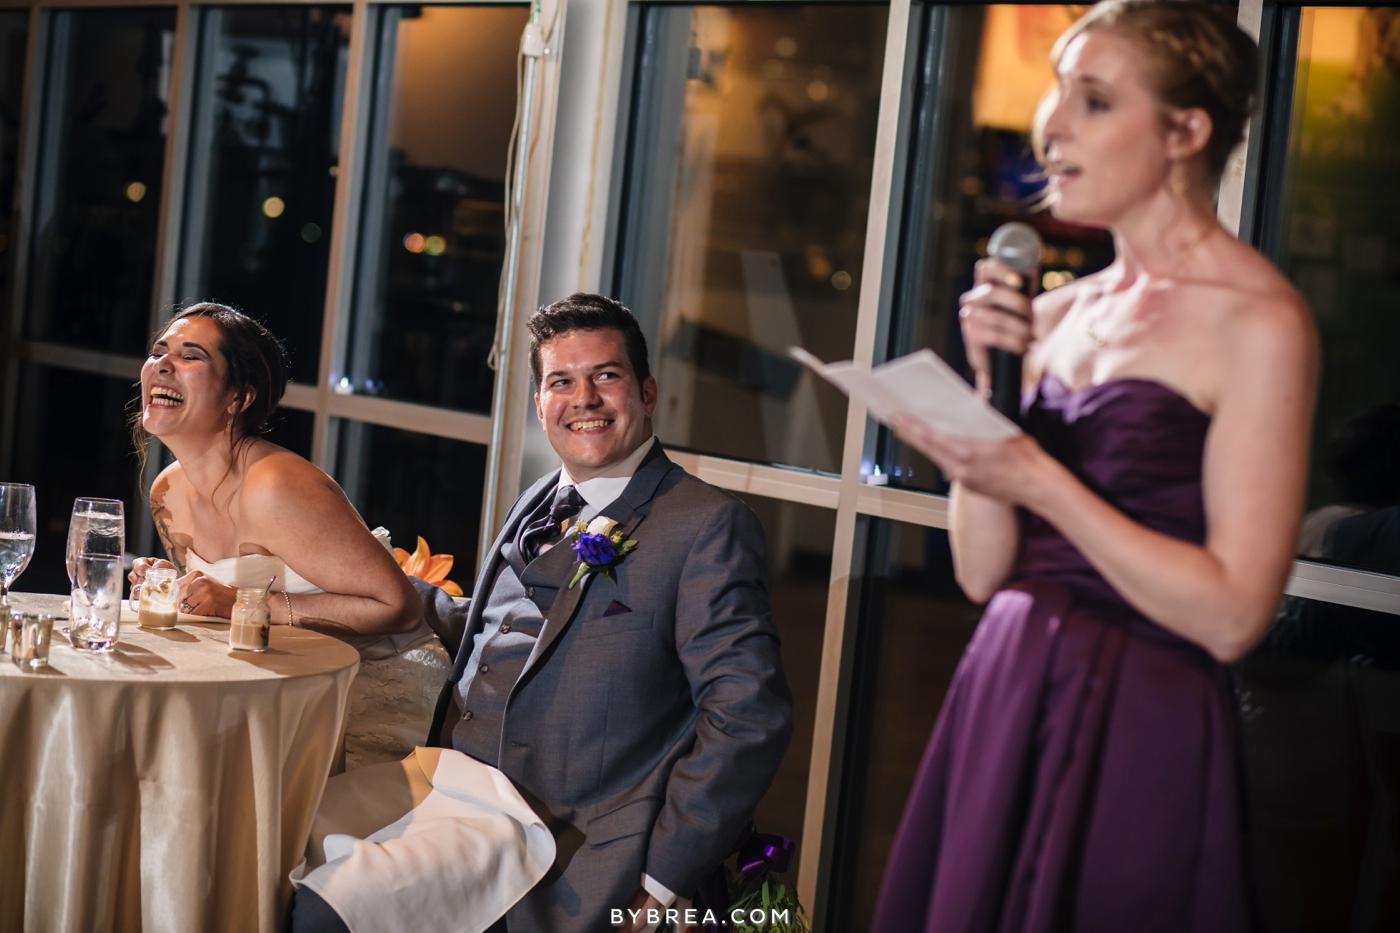 Baltimore wedding photo bride laughing during toast